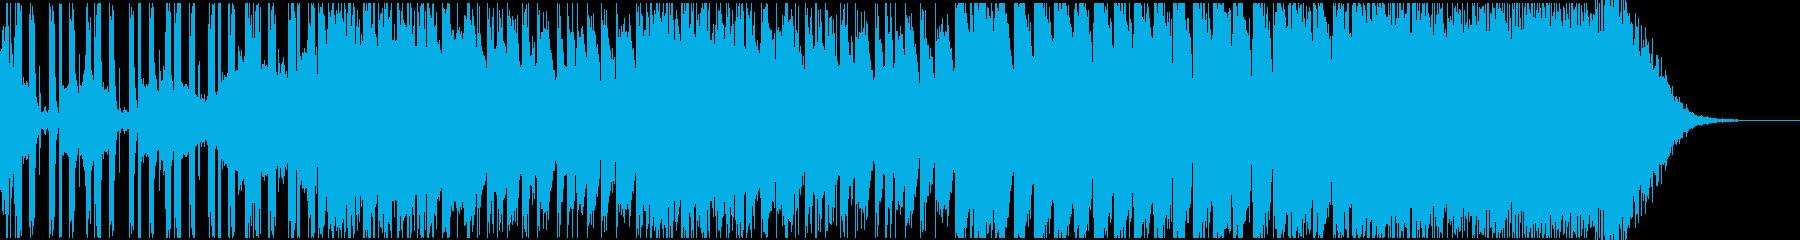 クールなEDMクラブ系ダンスミュージックの再生済みの波形